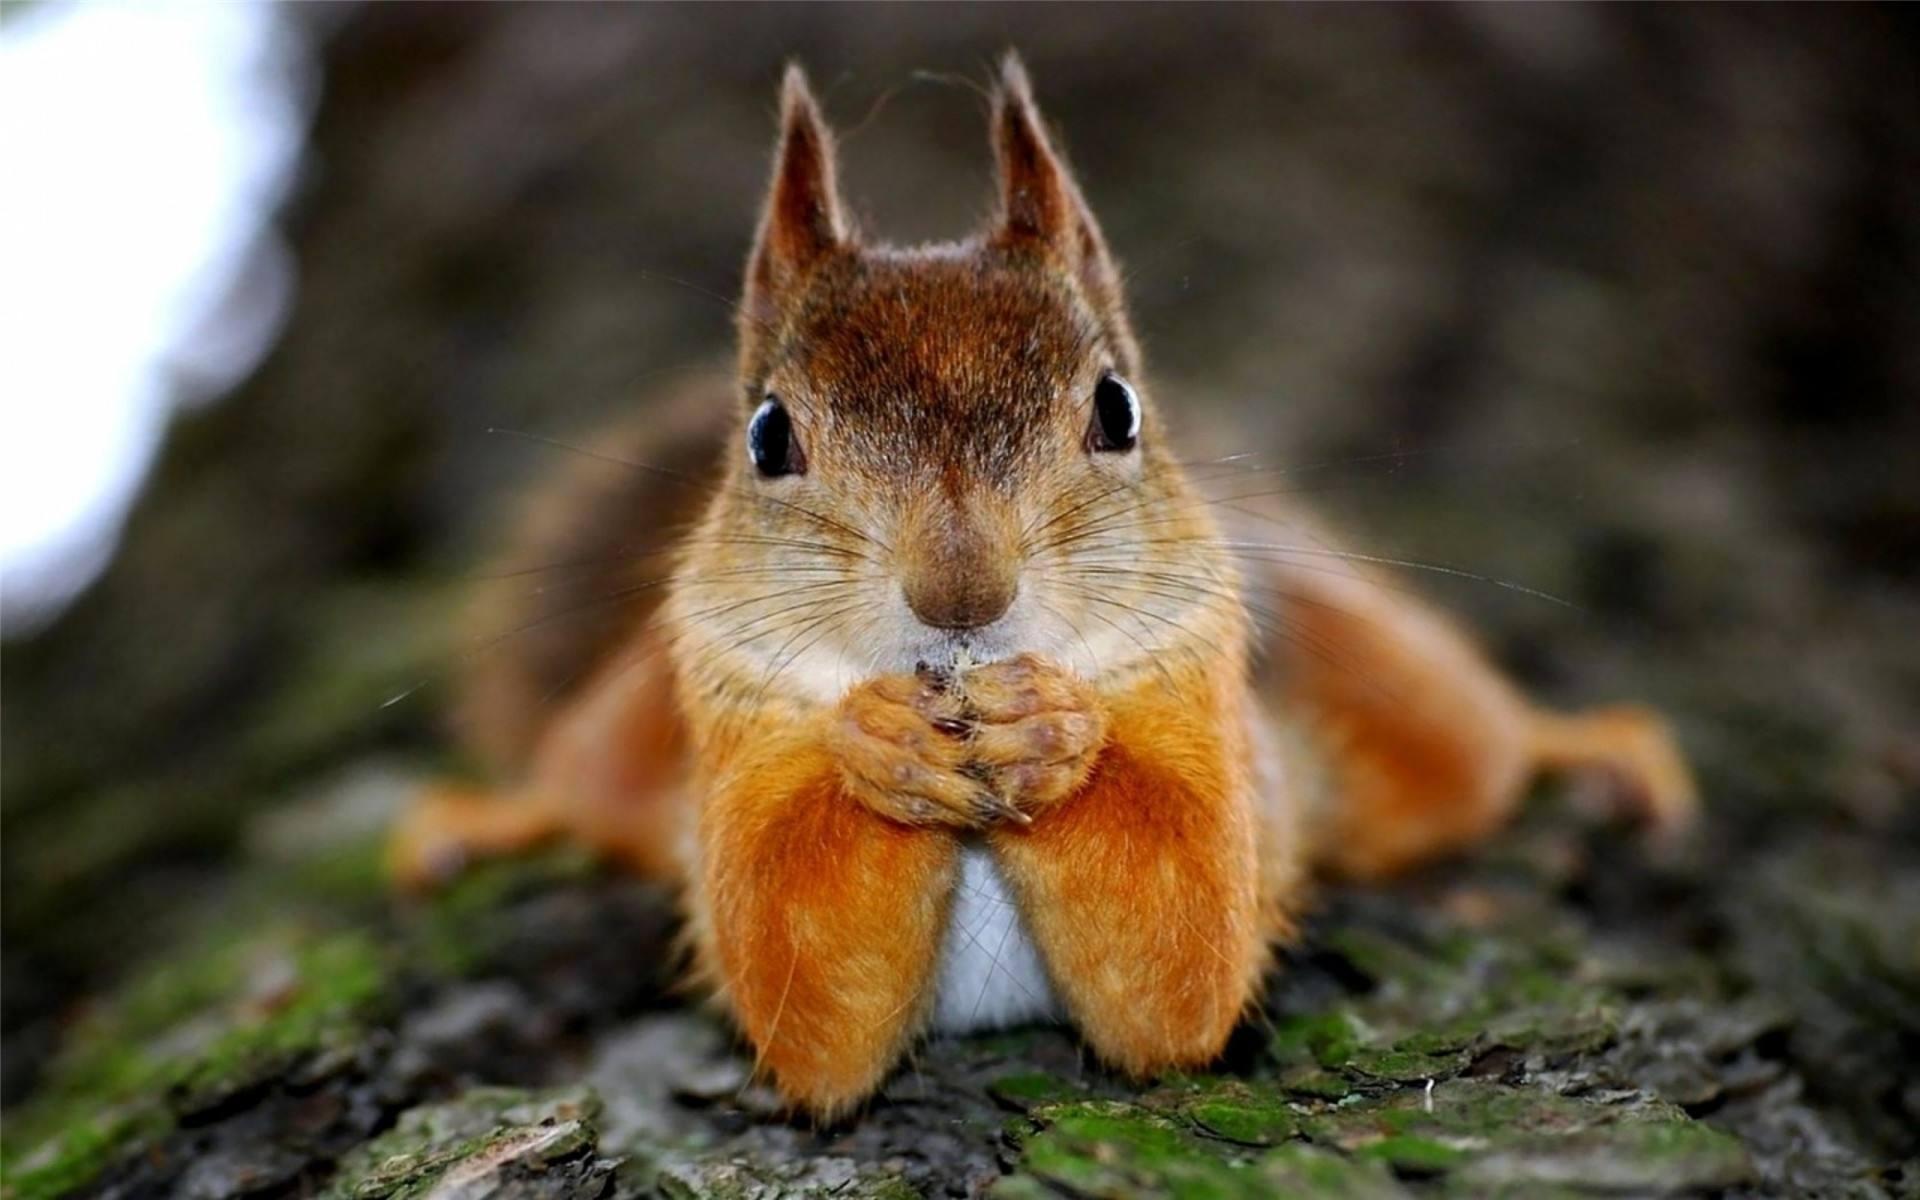 松鼠喂食馆中有200多只小松鼠们和小朋友们一起嬉戏.